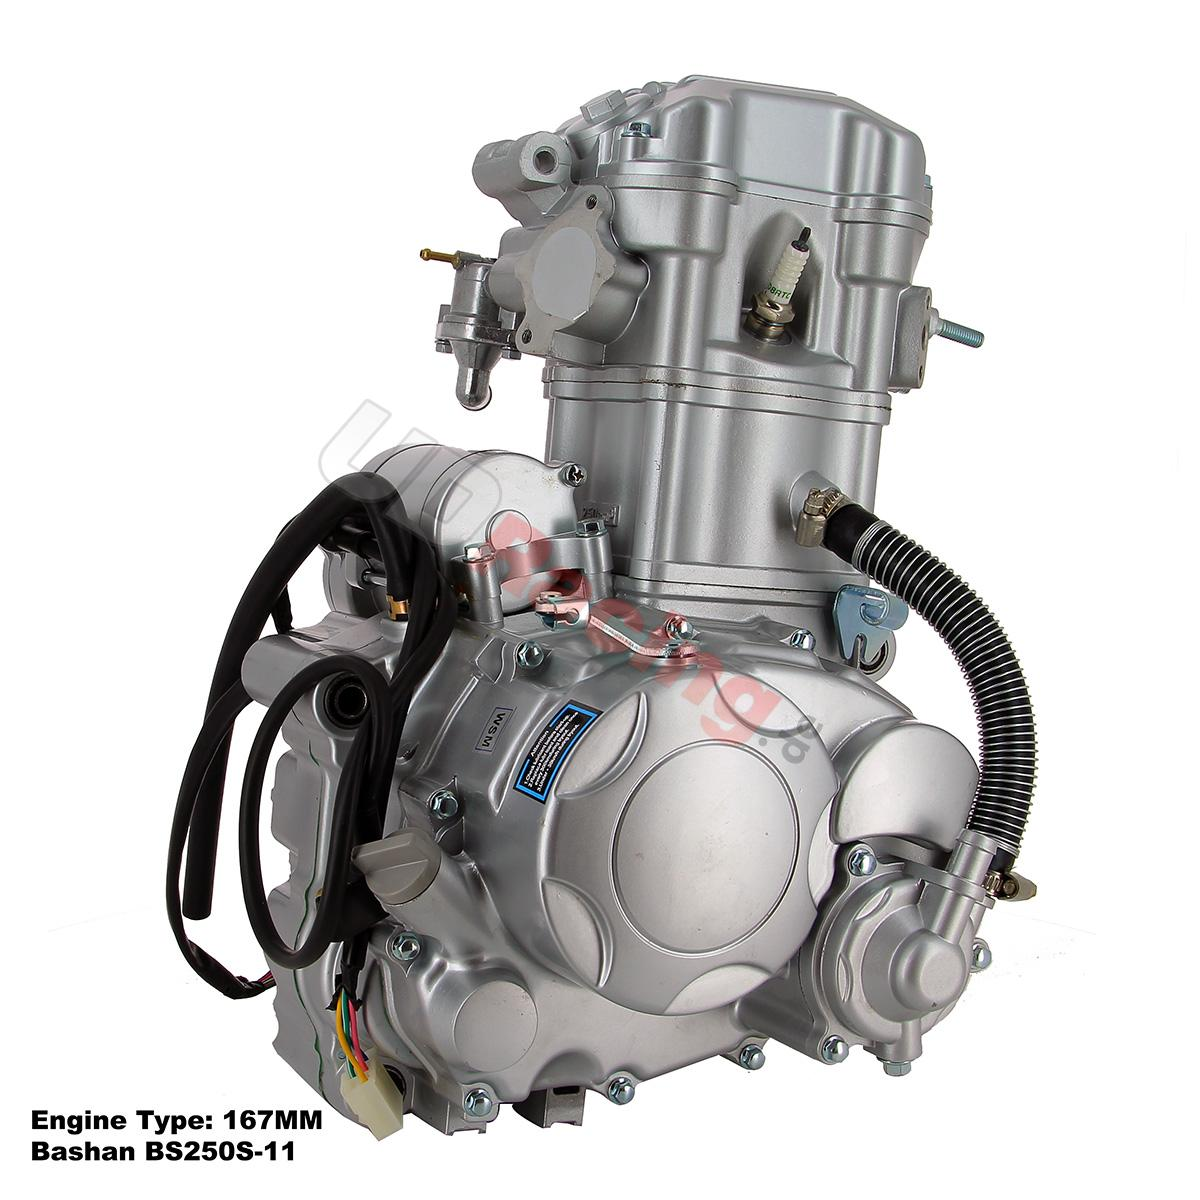 motor komplett 167mm f r quad bashan 250 ccm bs250s 11 motor ersatzteile bashan 250cc. Black Bedroom Furniture Sets. Home Design Ideas